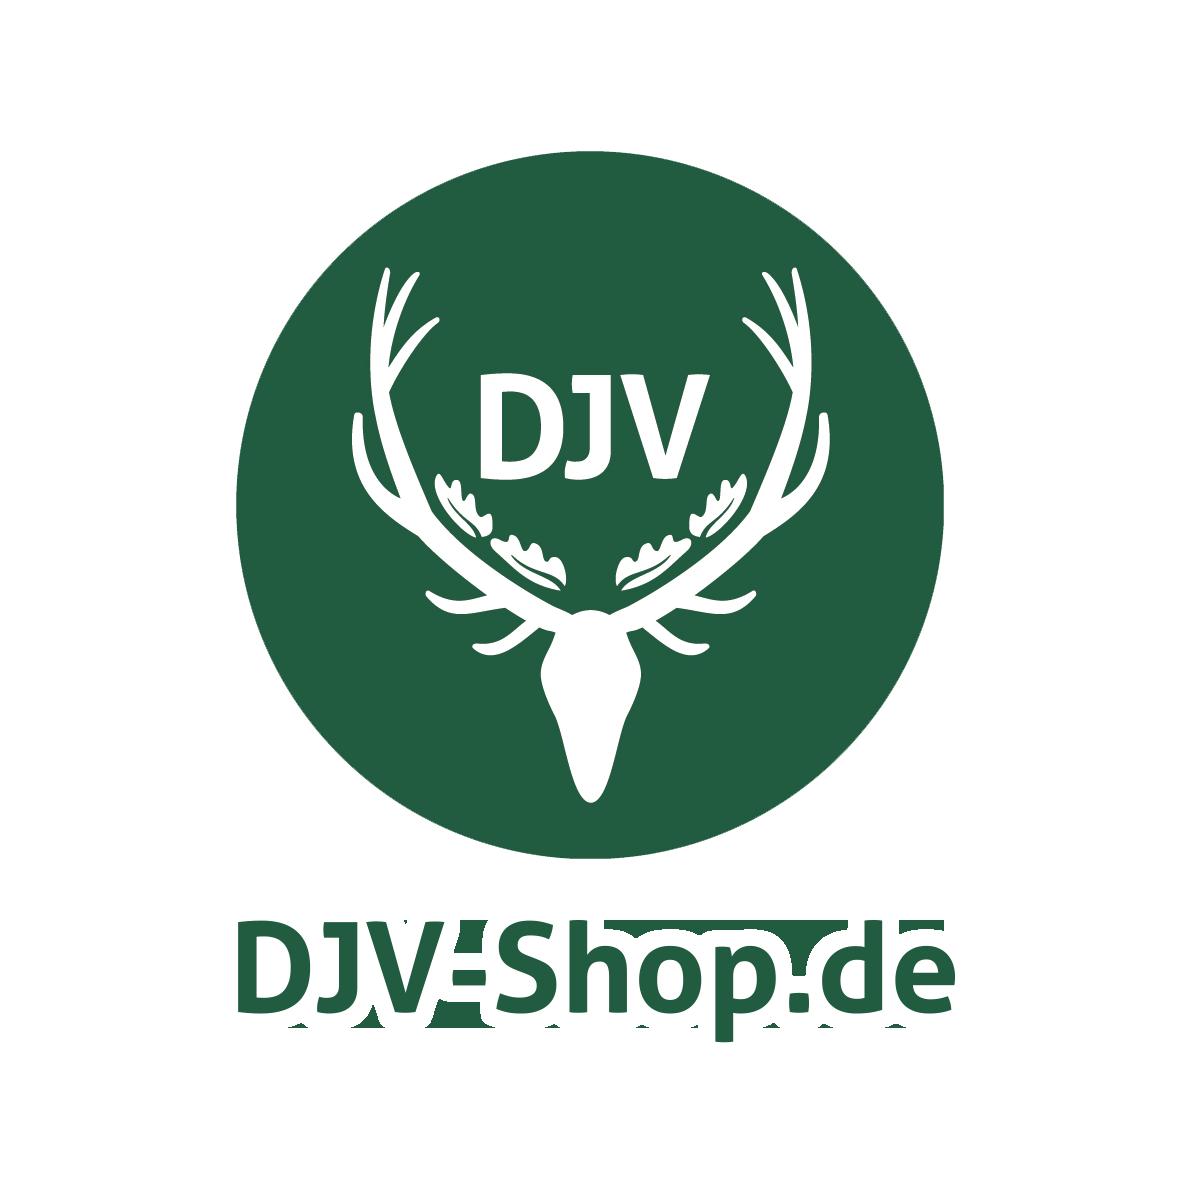 DJV Jagd Shop | Jagdausrüstung für Jäger und Naturfreunde - zur Startseite wechseln